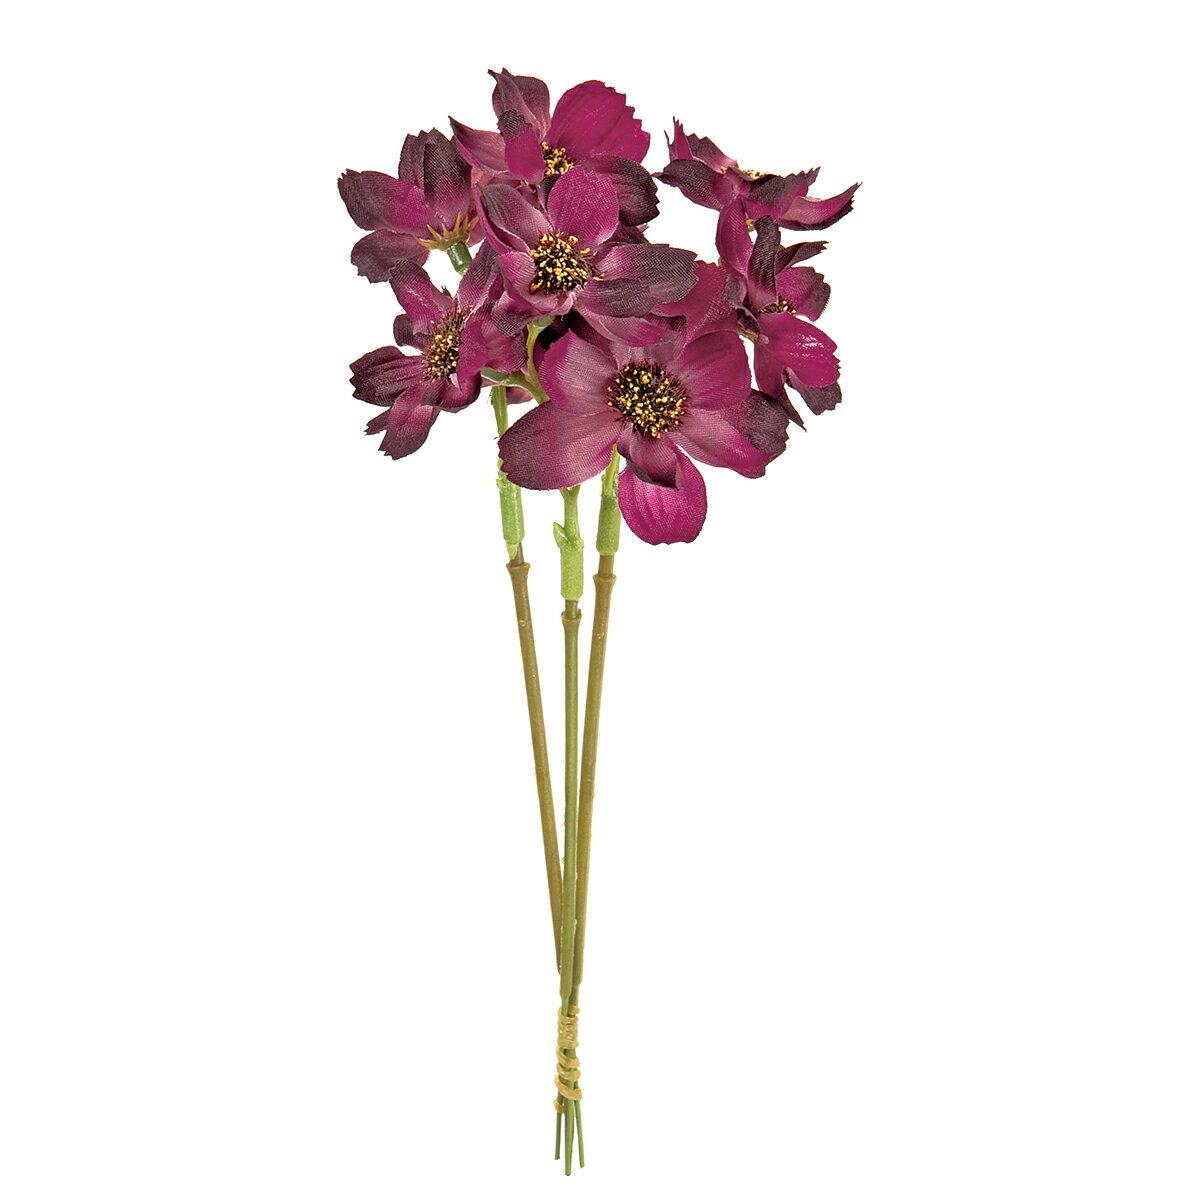 【造花】MAGIQ(東京堂)/コスモスピック #17 PURPLE 3本/FM004215-017【01】【取寄】《 造花(アーティフィシャルフラワー) 造花 花材「か行」 コスモス 》